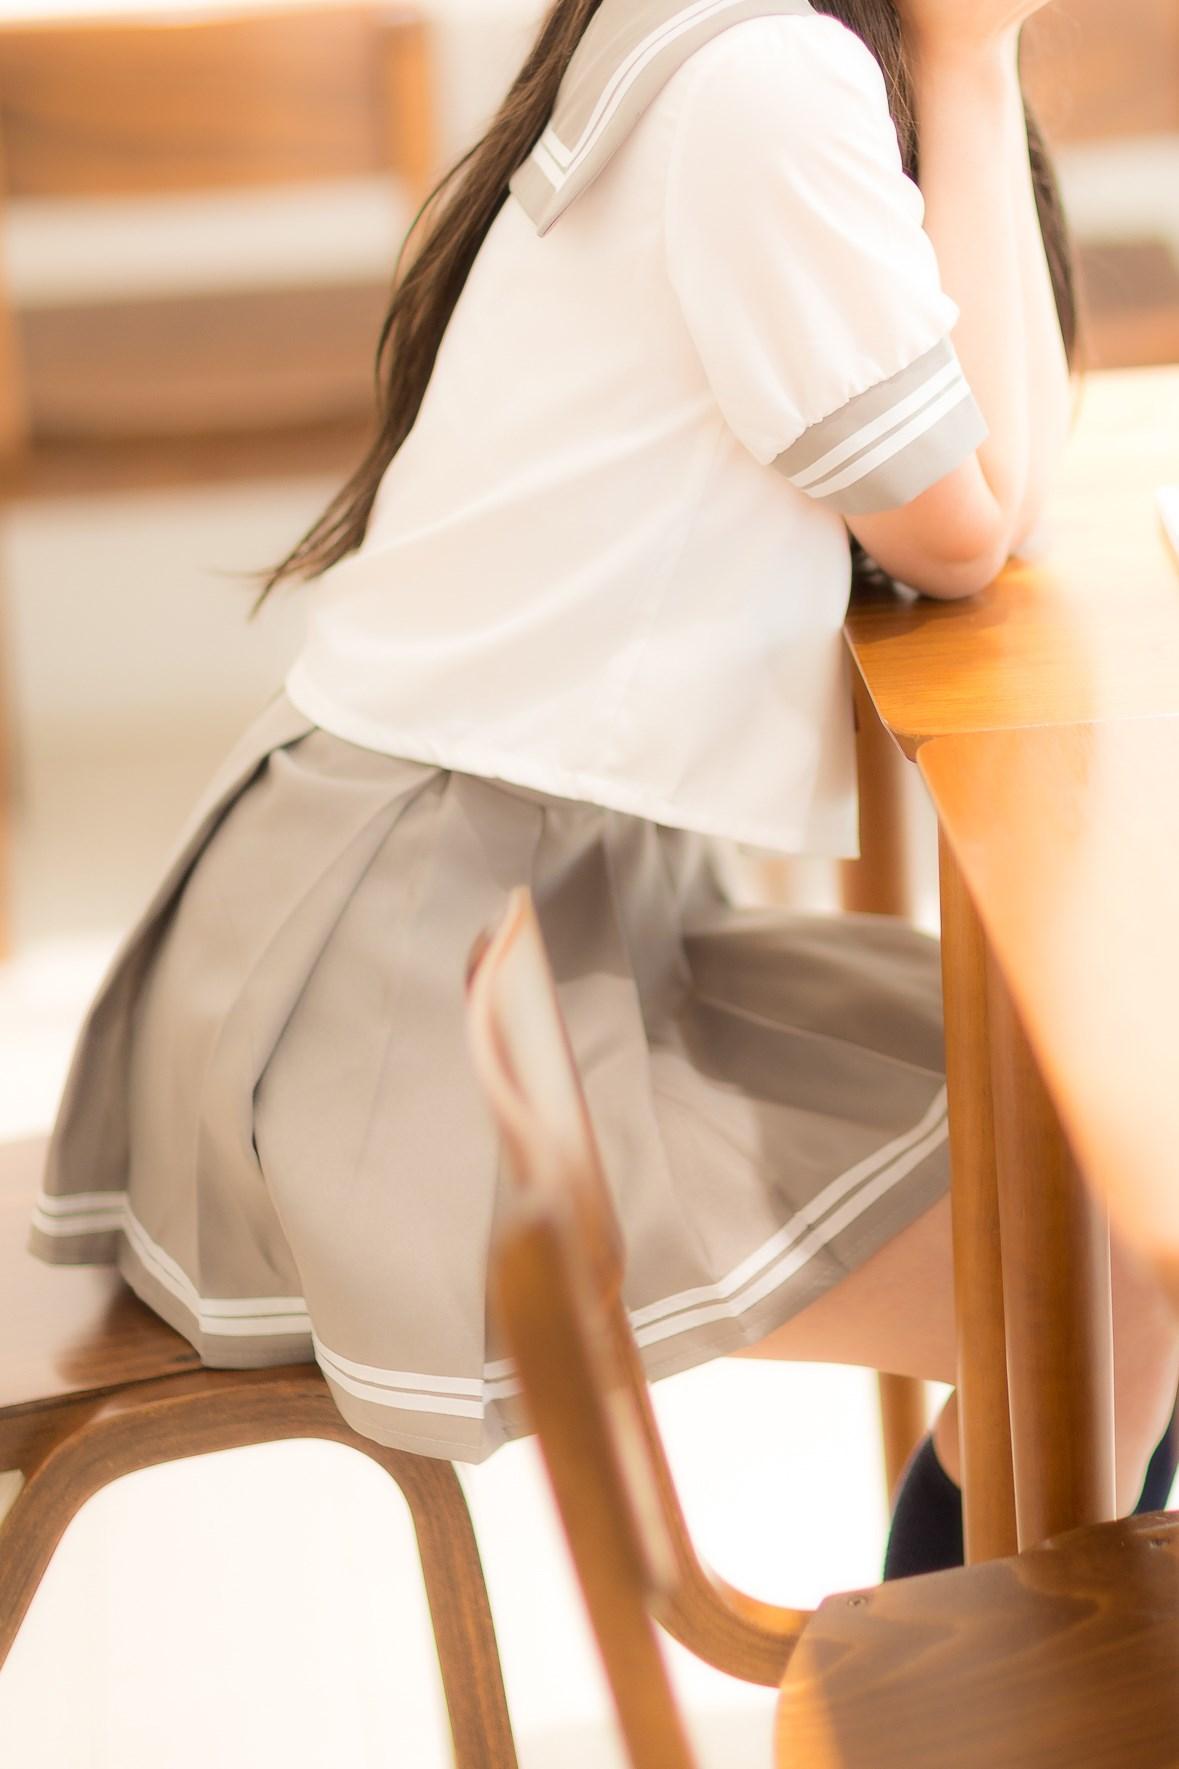 【兔玩映画】果腿的水手服 兔玩映画 第31张